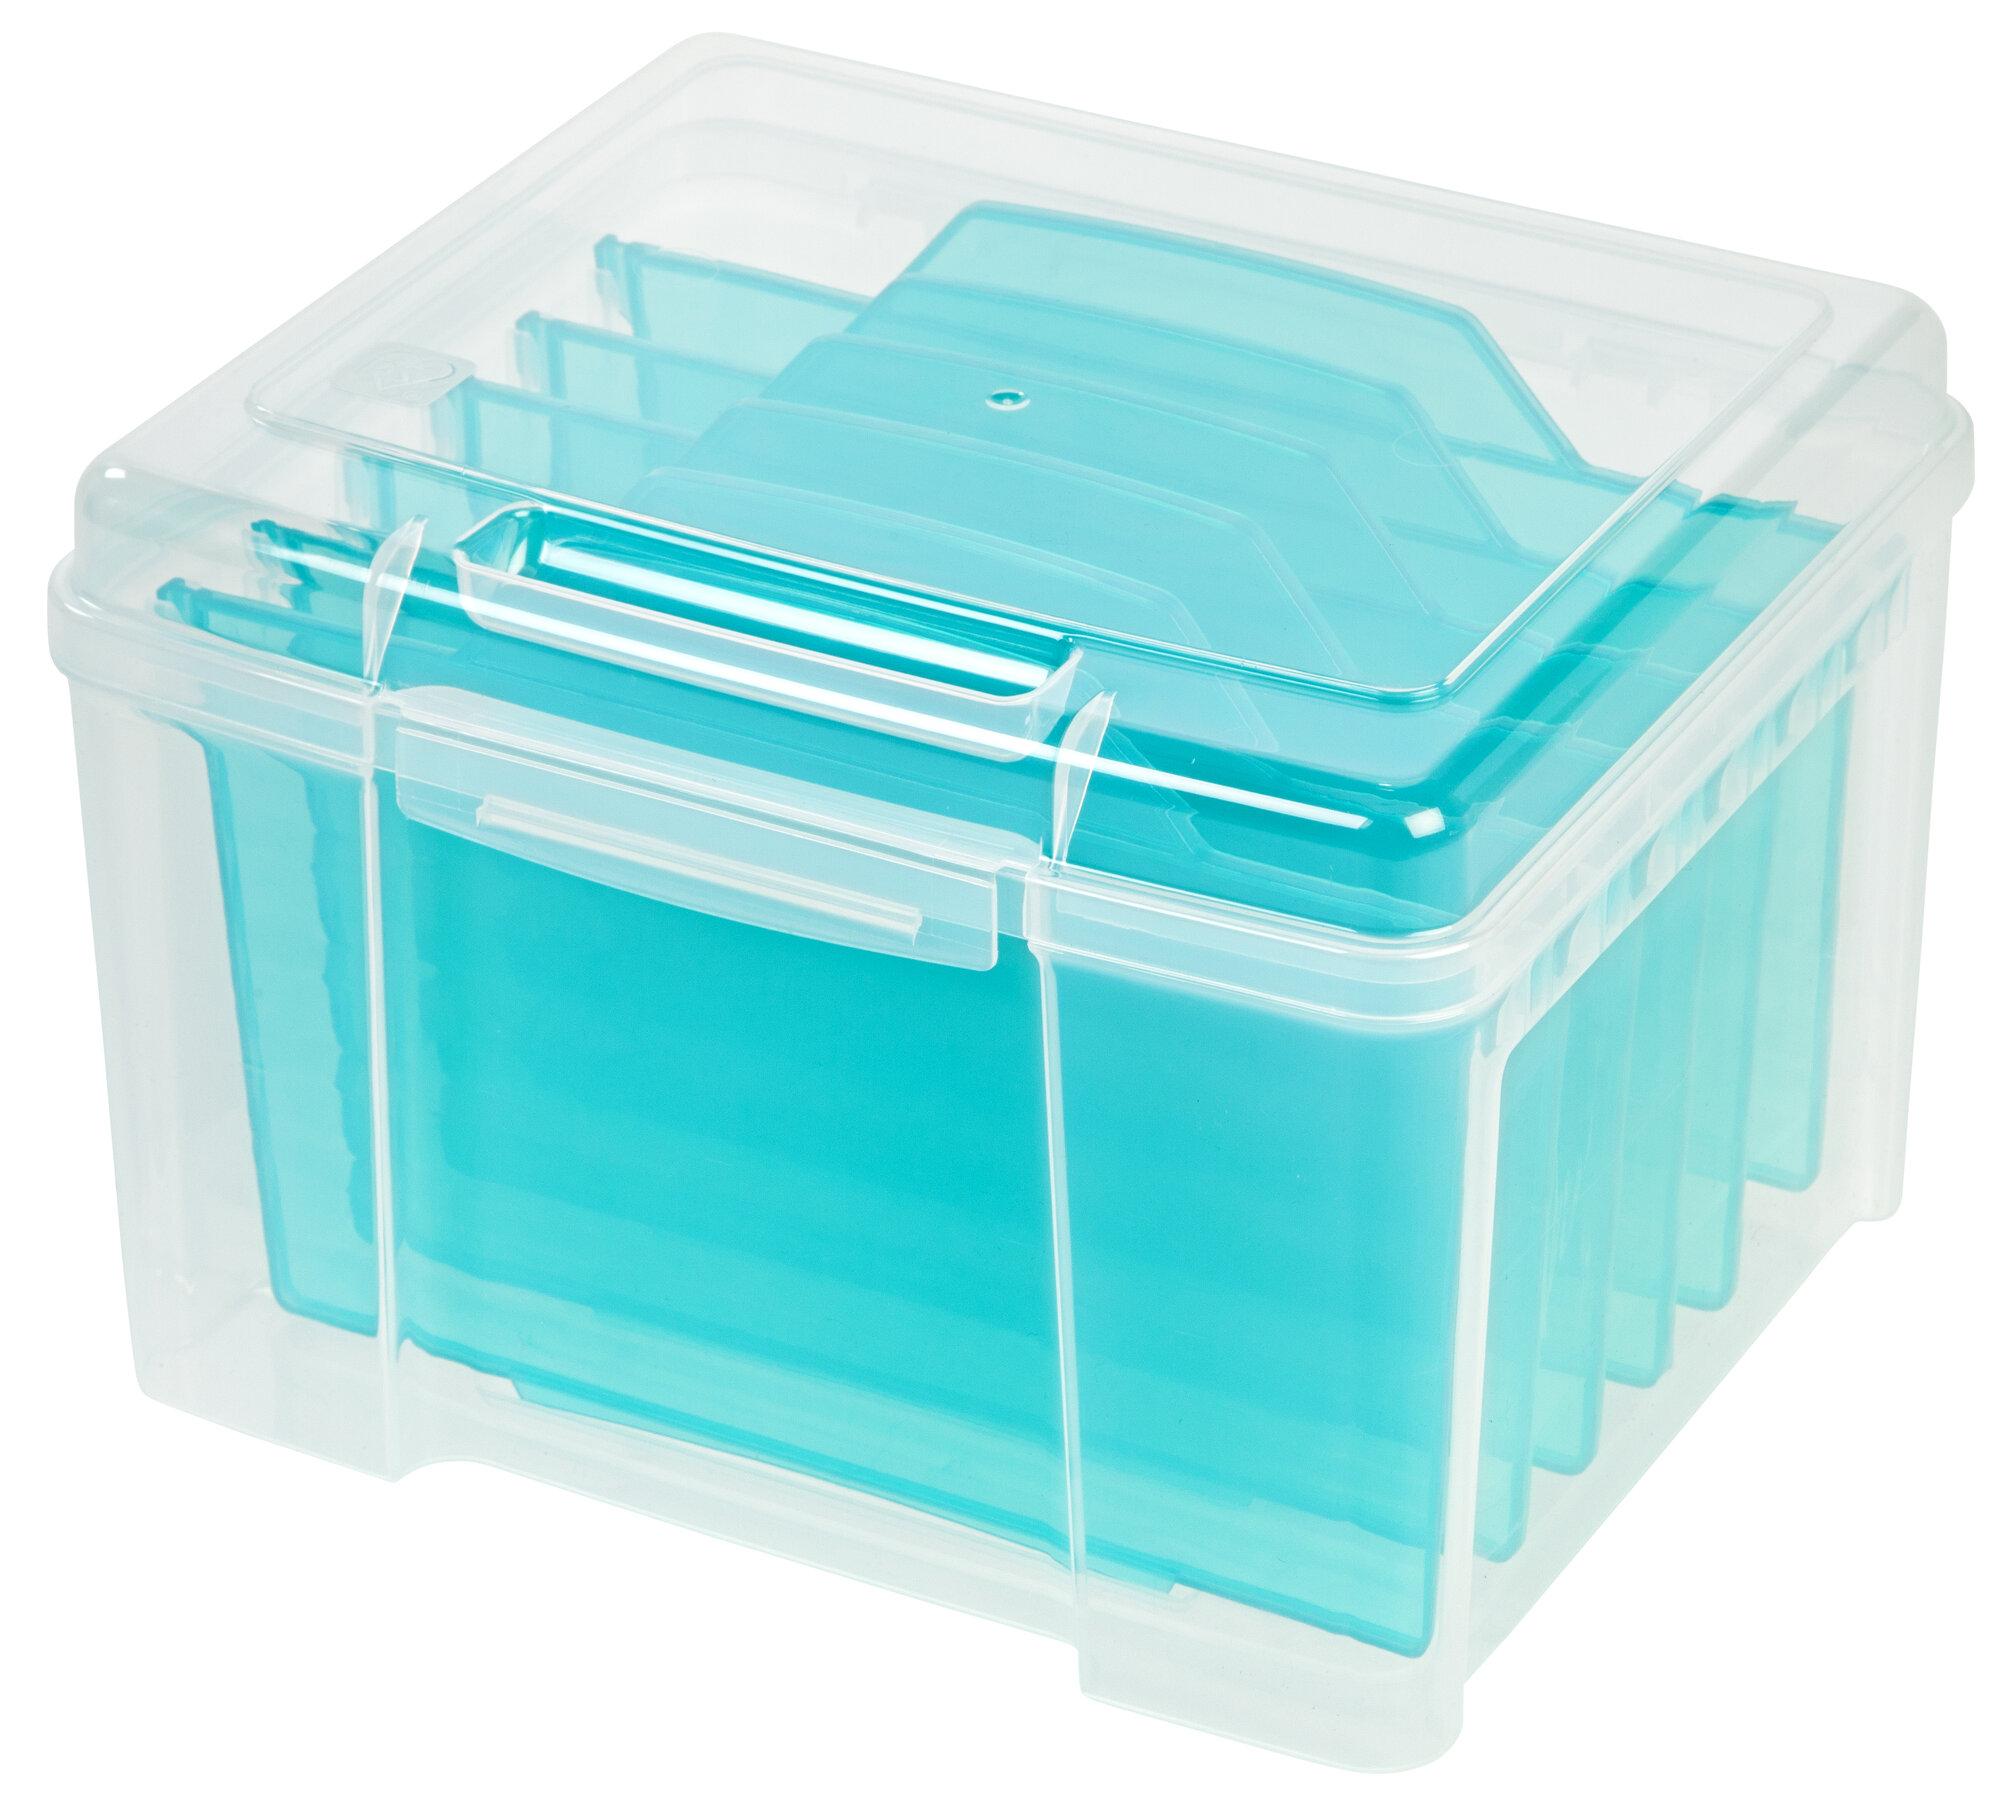 Iris photo storage boxes